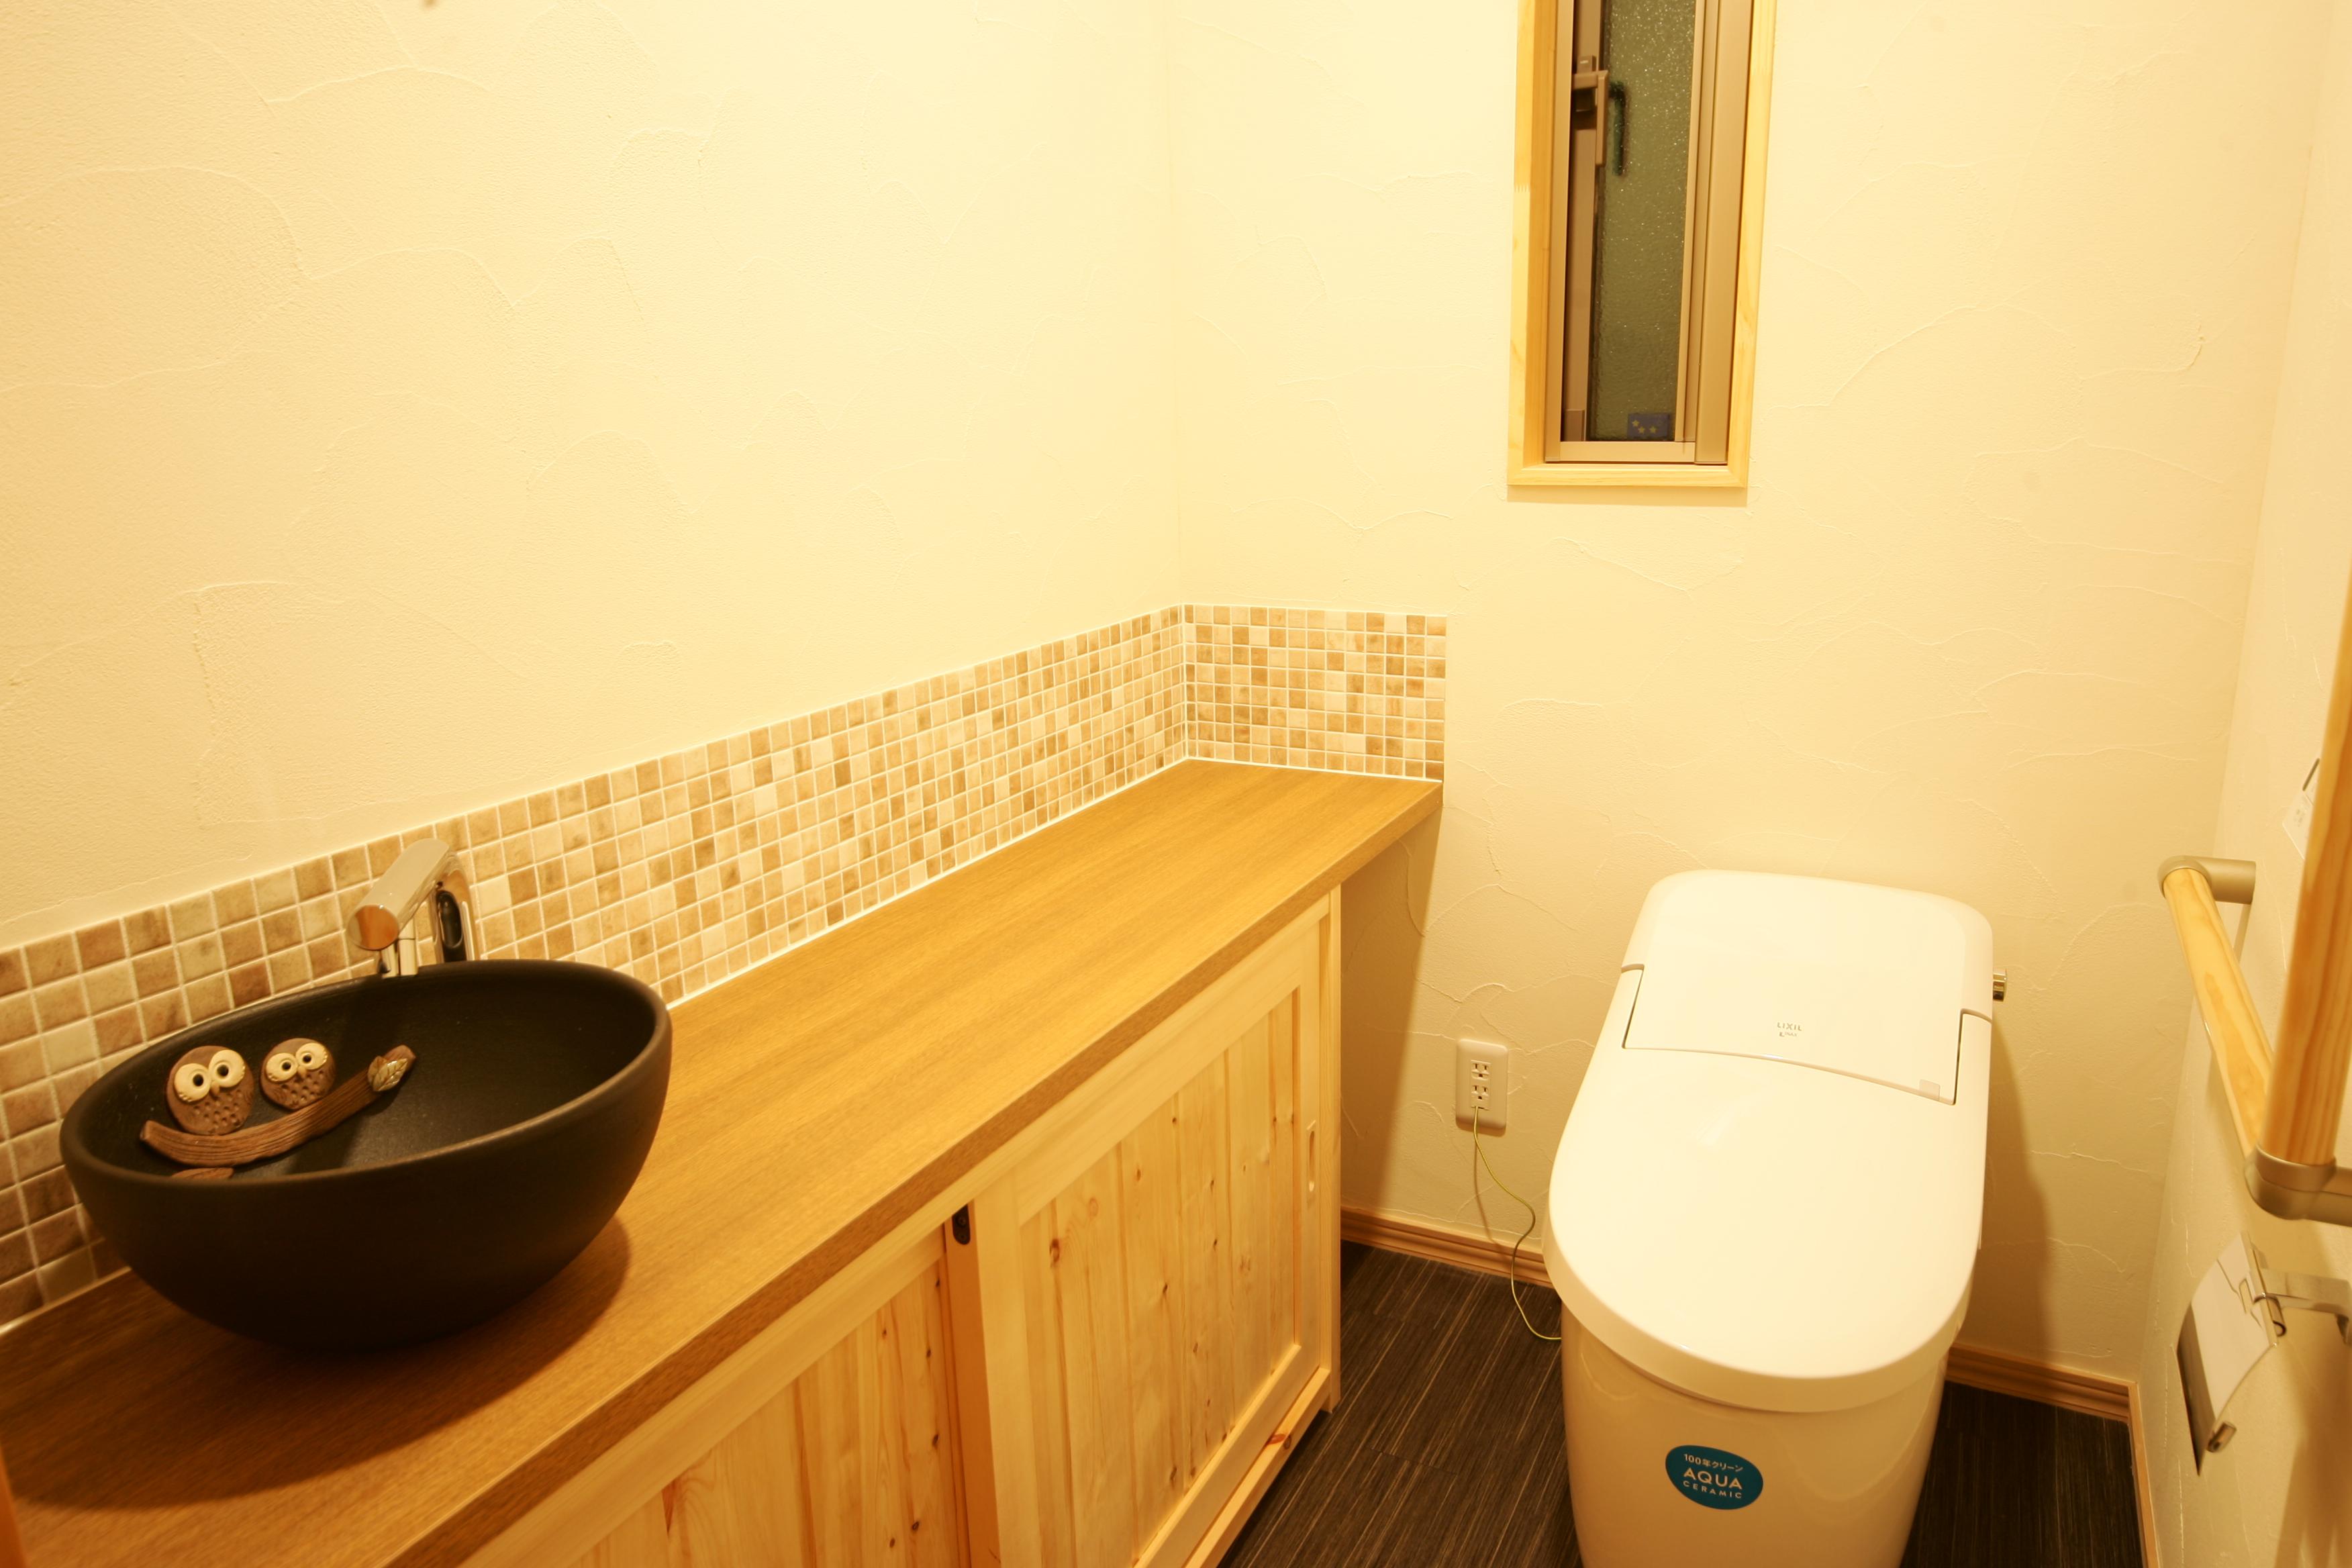 住まいるコーポレーション【子育て、自然素材、間取り】トイレの手洗いカウンターは、信楽焼きとモザイクタイルで和モダン風にコーディネート。収納スペースもたっぷり確保した